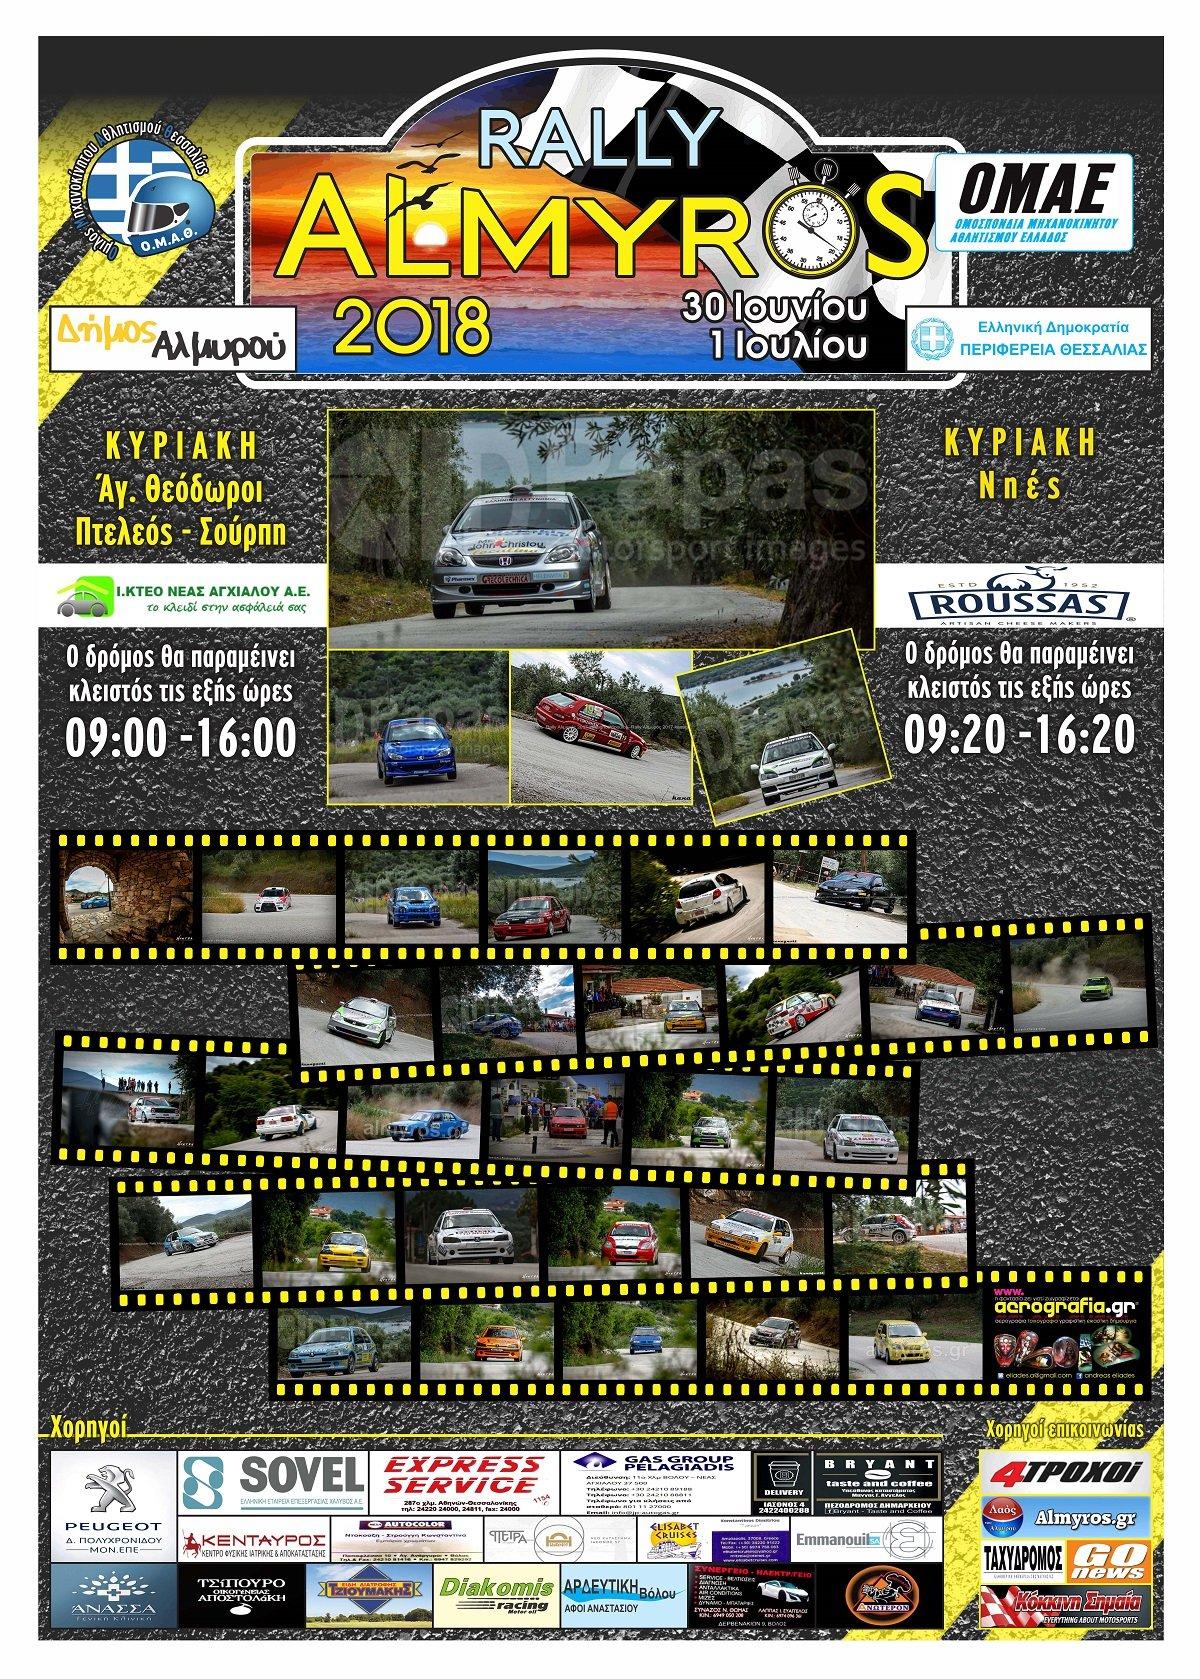 """Το """"3o Rally Αλμυρός 2018"""" είναι ένας αγώνας που δεν πρέπει να χάσει κανείς"""